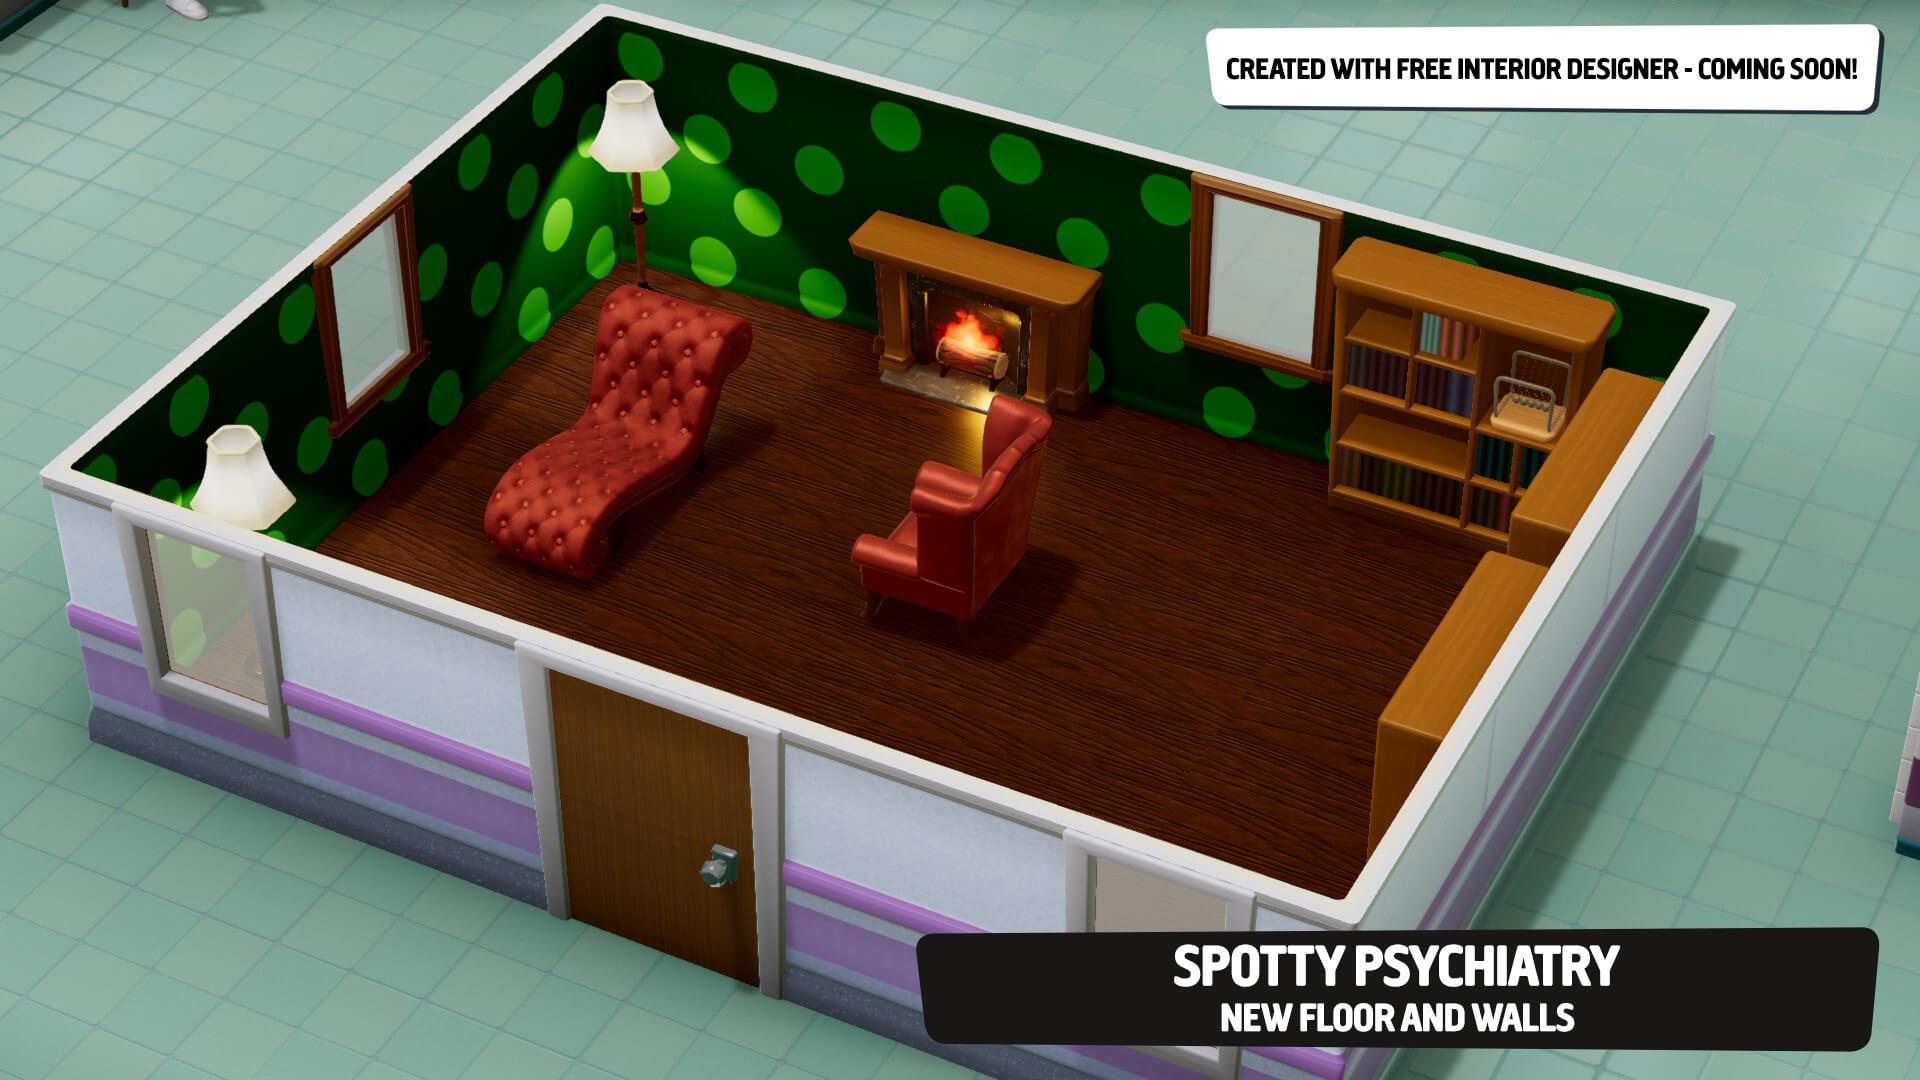 Spotty_Psychiatry_1549361867